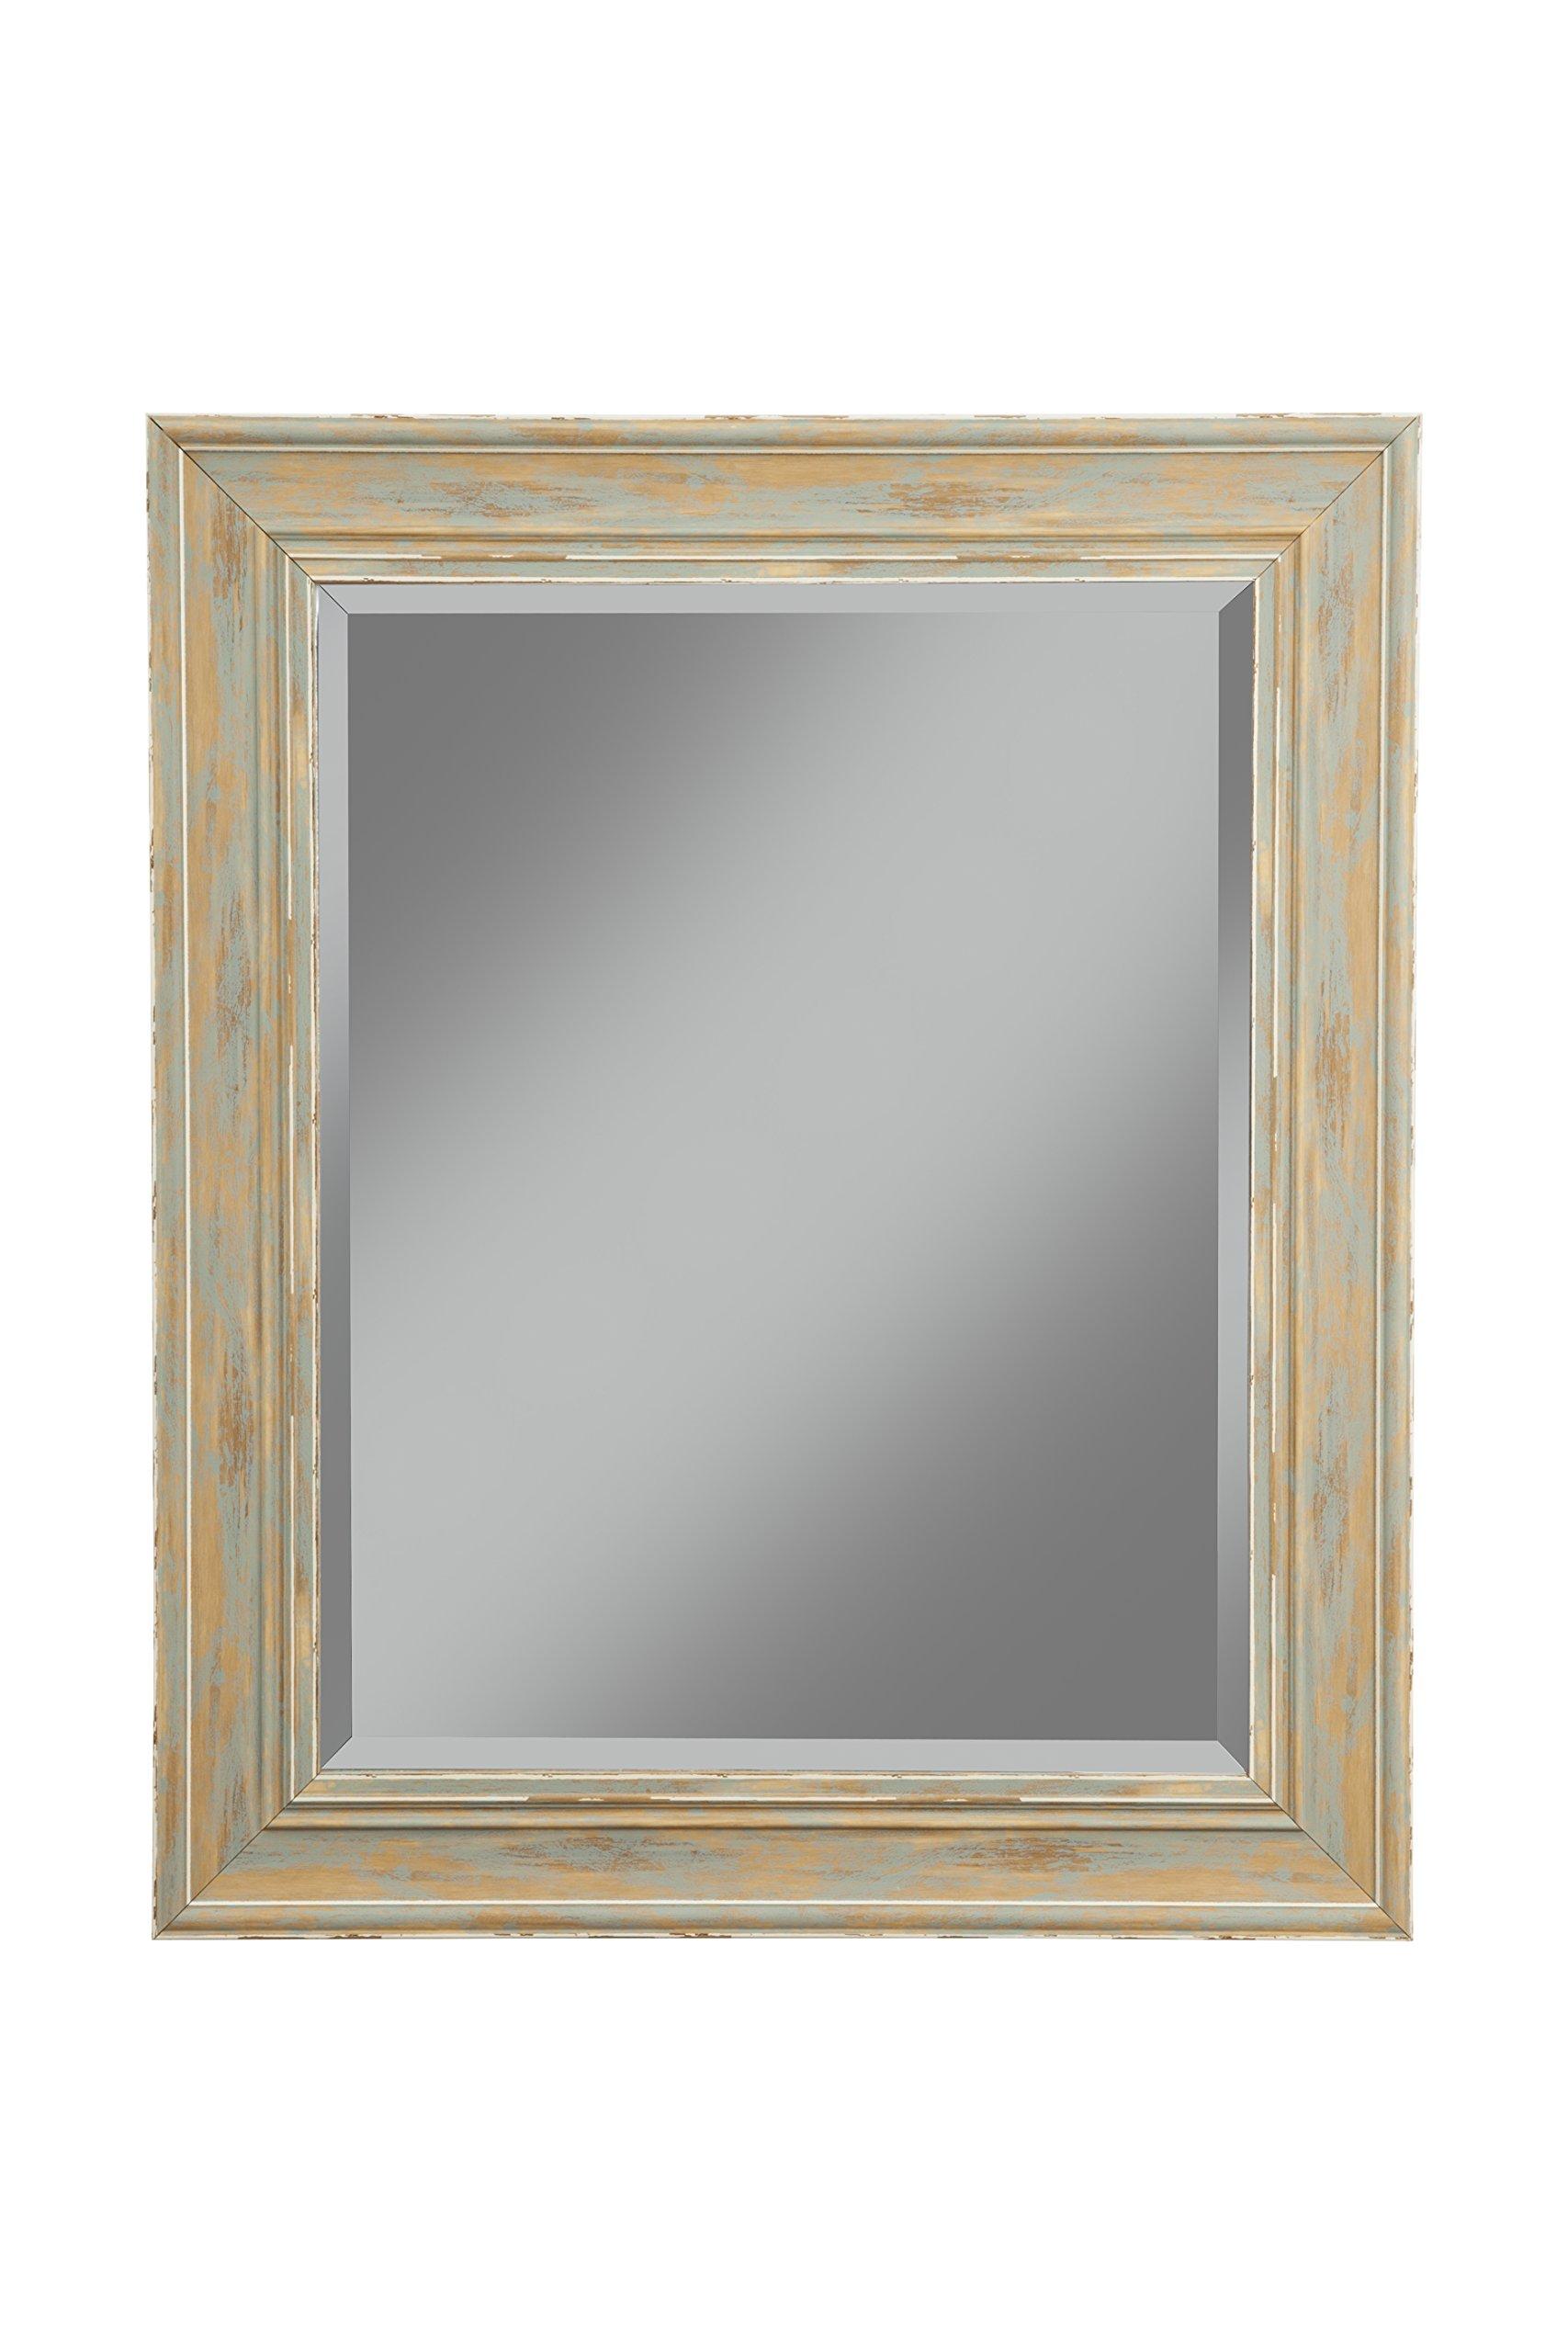 Sandberg Furniture Farmhouse Wall Mirror, Antique Turquoise, 36'' x 30''